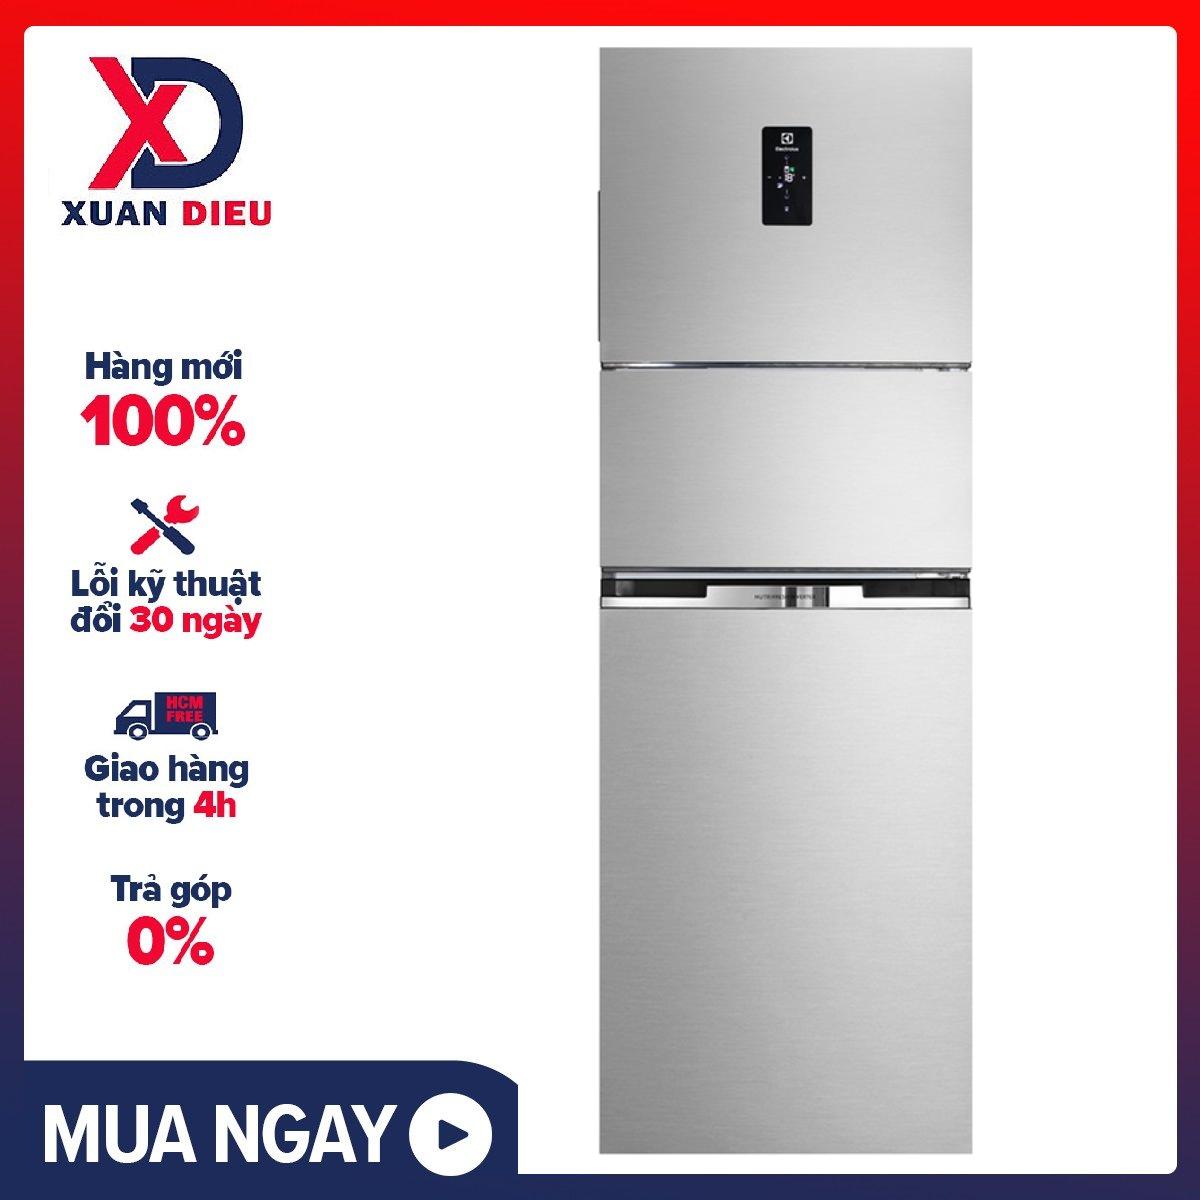 [Trả góp 0%]Tủ lạnh Electrolux Inverter 340 lít EME3700H-A – Miễn phí vận chuyển HCM